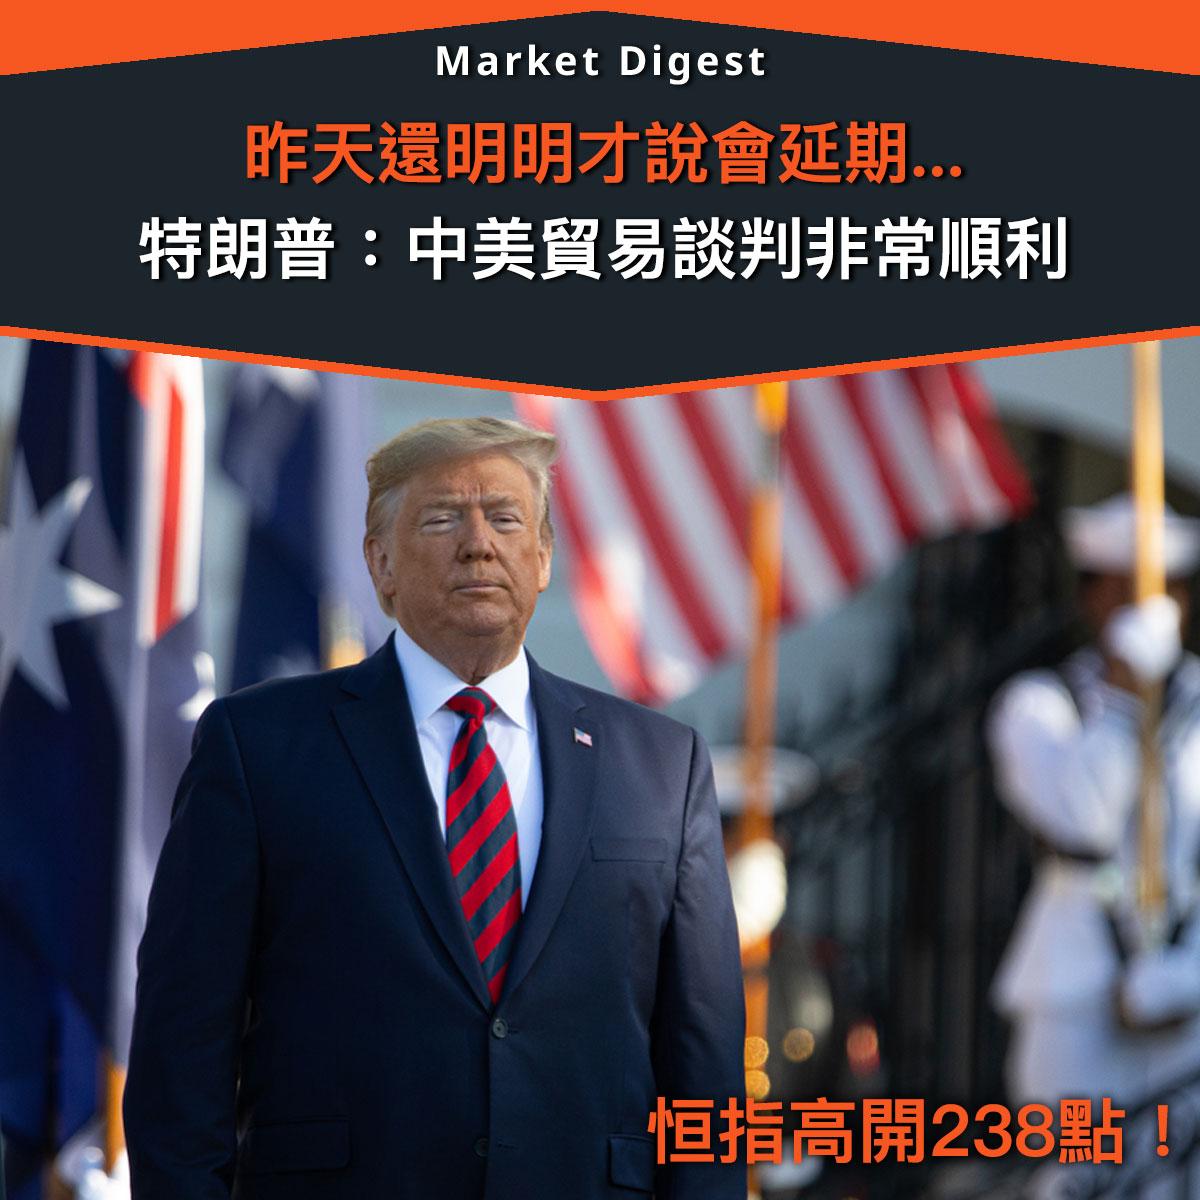 【中美貿易戰】特朗普:中美貿易談判非常順利